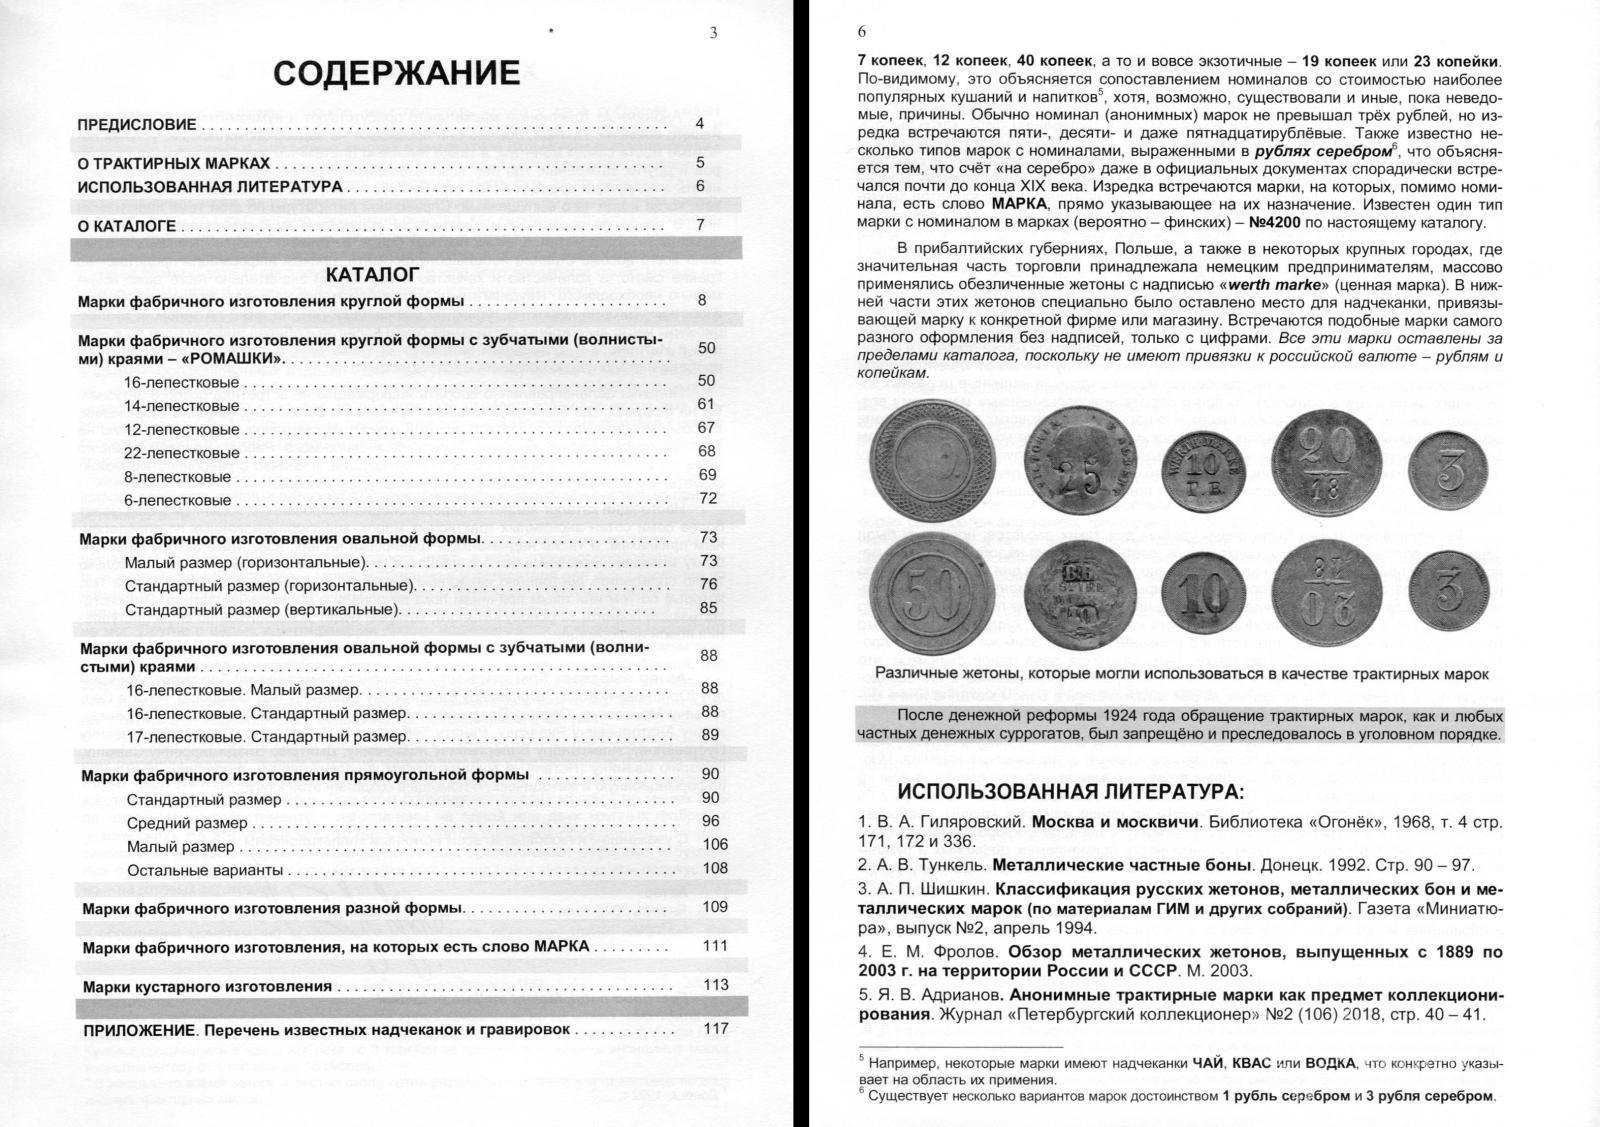 01 стр 3 и 6.jpg